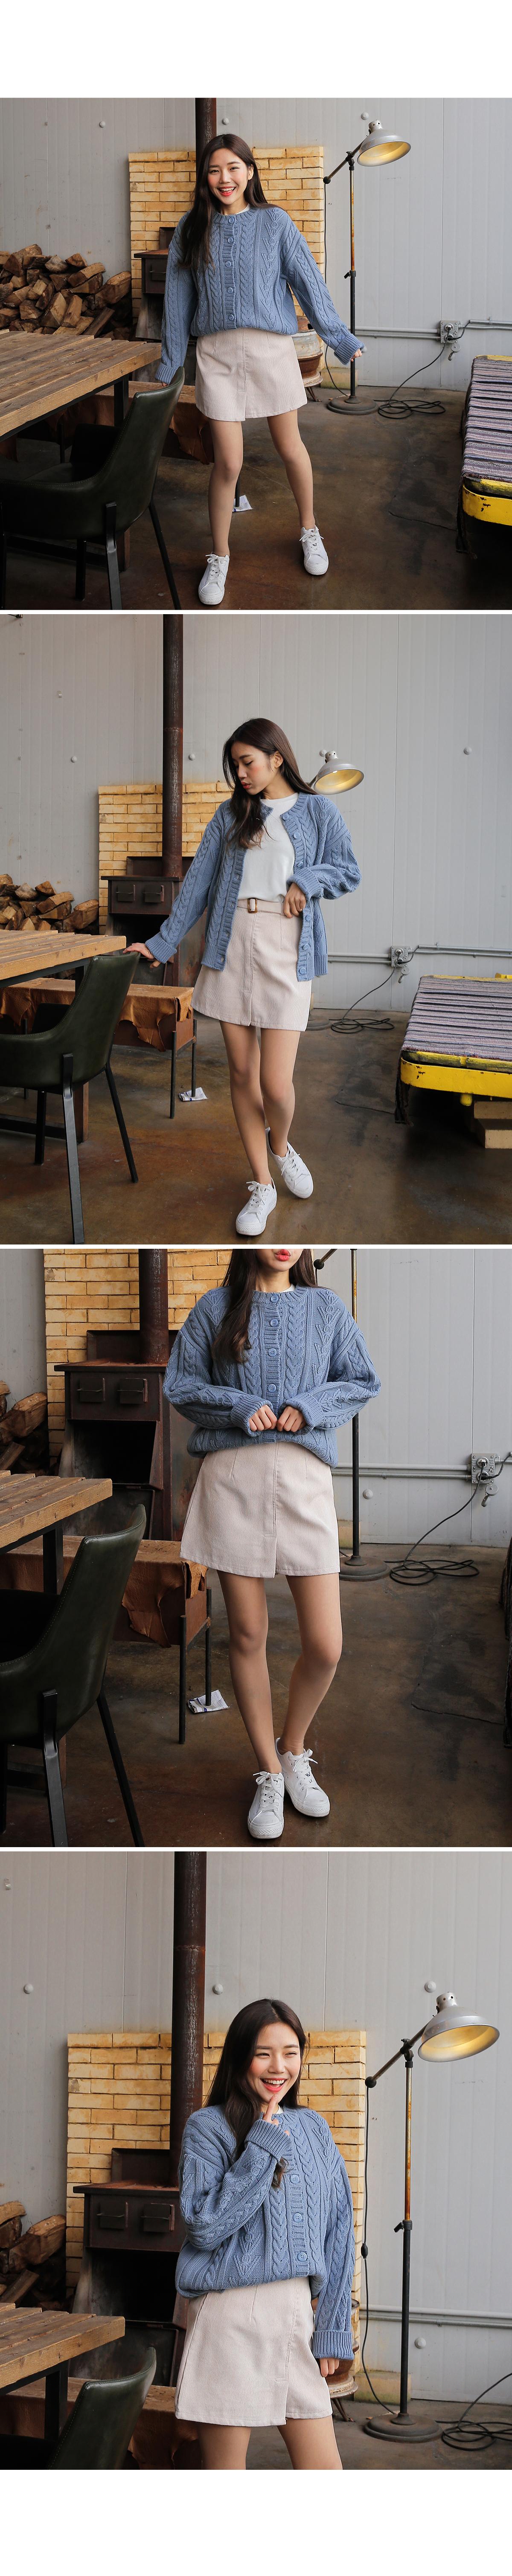 Mini-twist cardigan